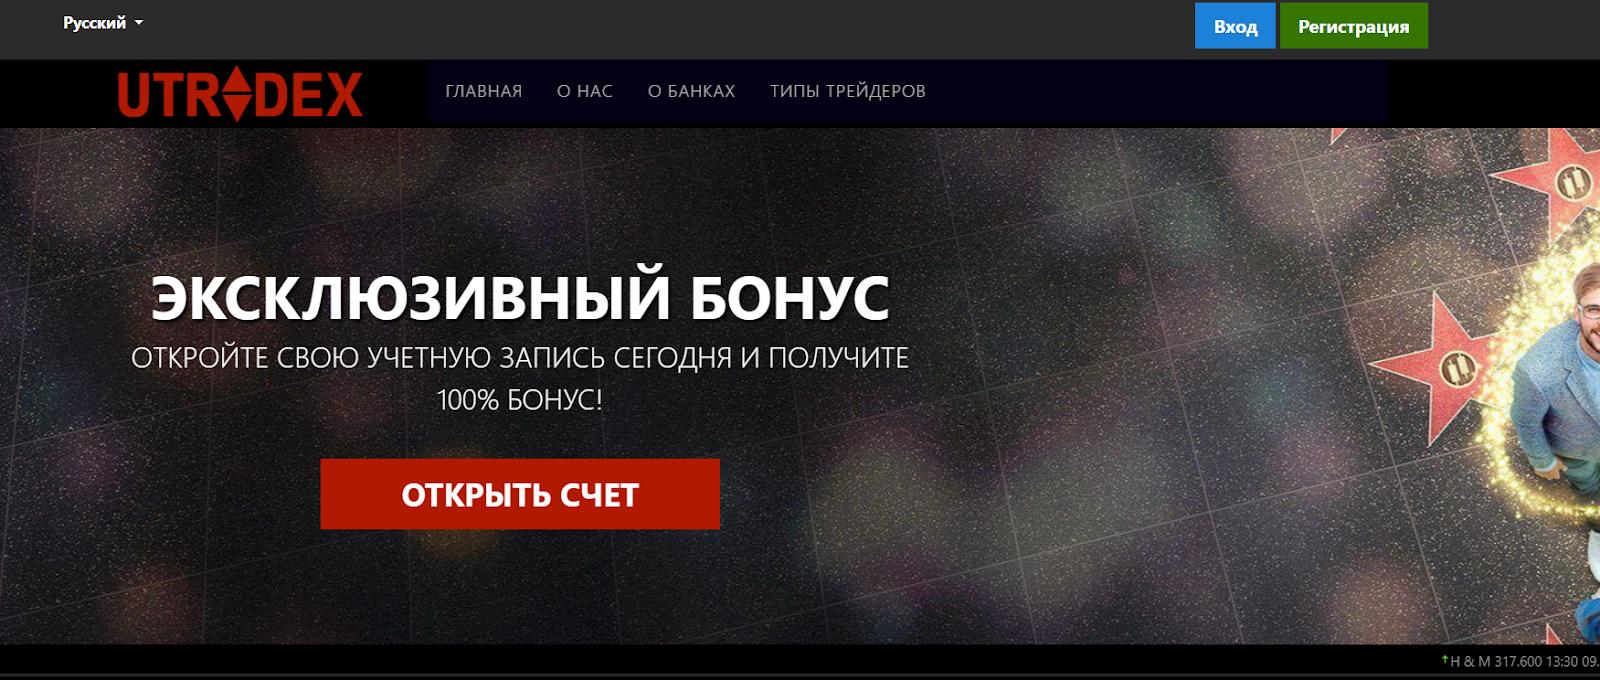 Отзывы о UTradex и обзор основной информации о площадке реальные отзывы